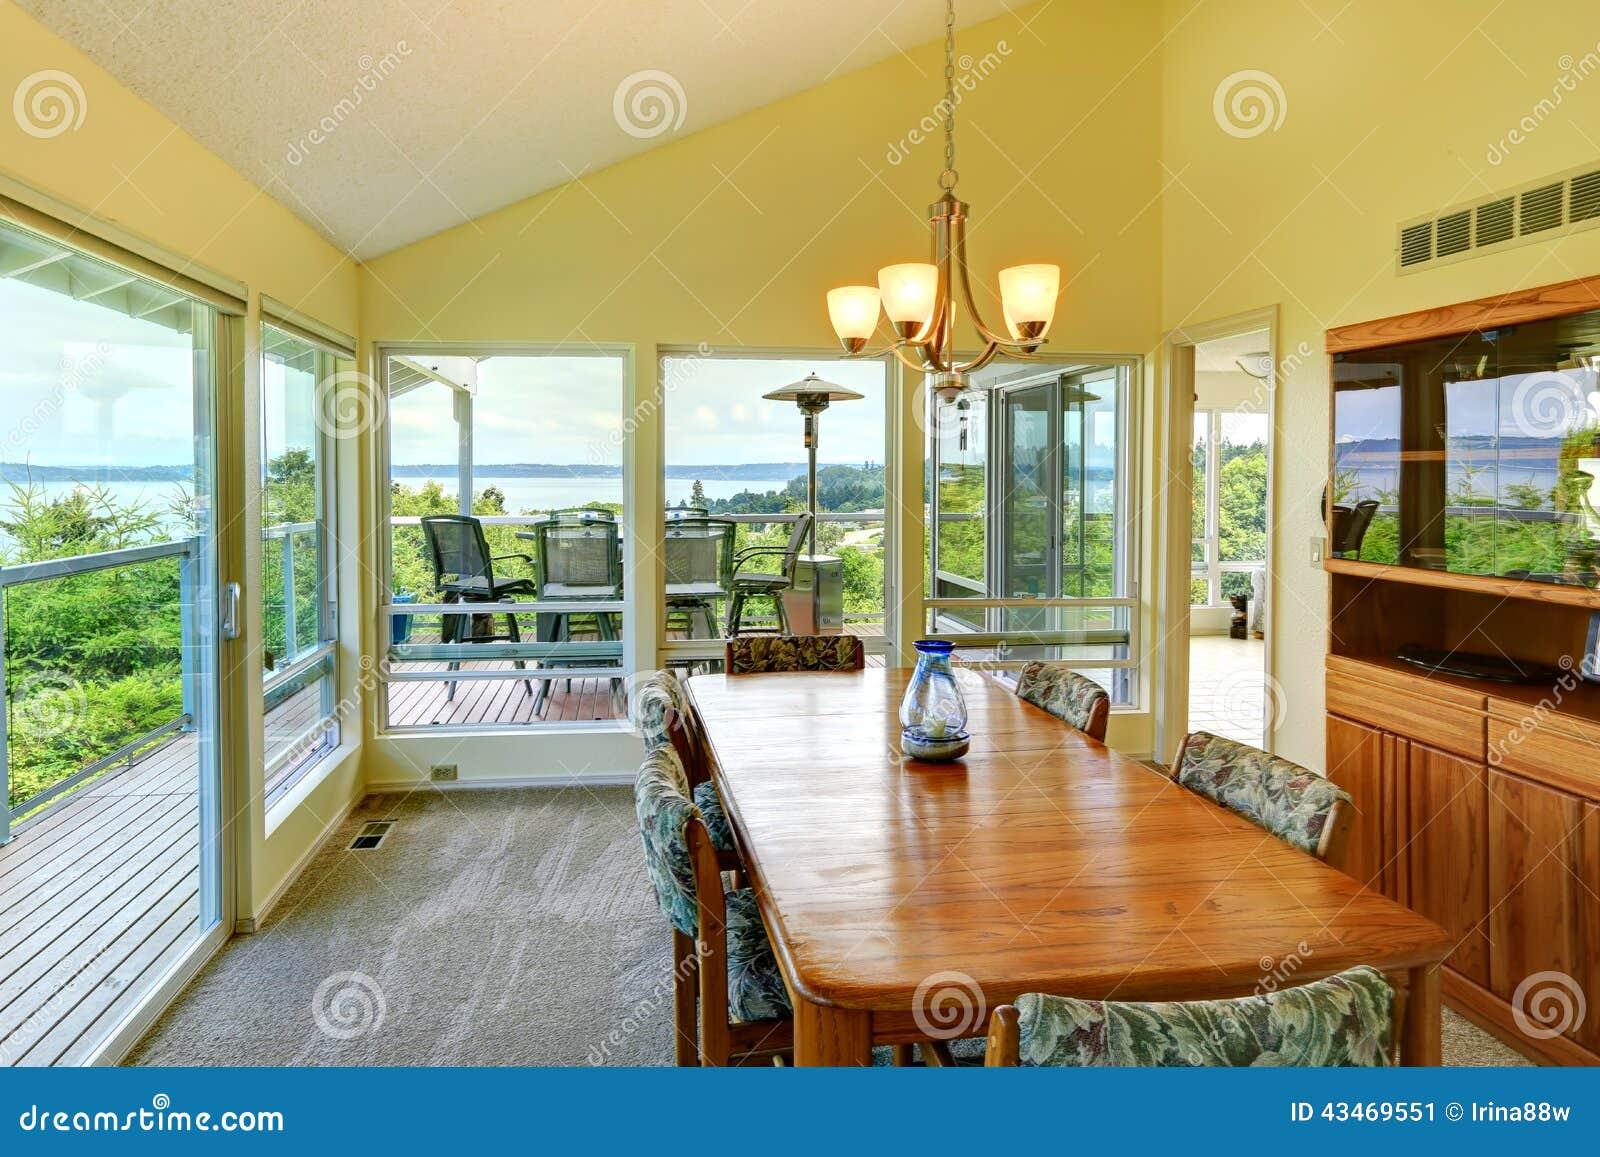 Parede De Vidro Em Sala De Jantar ~ Sala De Jantar Brilhante Com Paredes De Vidro Foto de Stock  Imagem